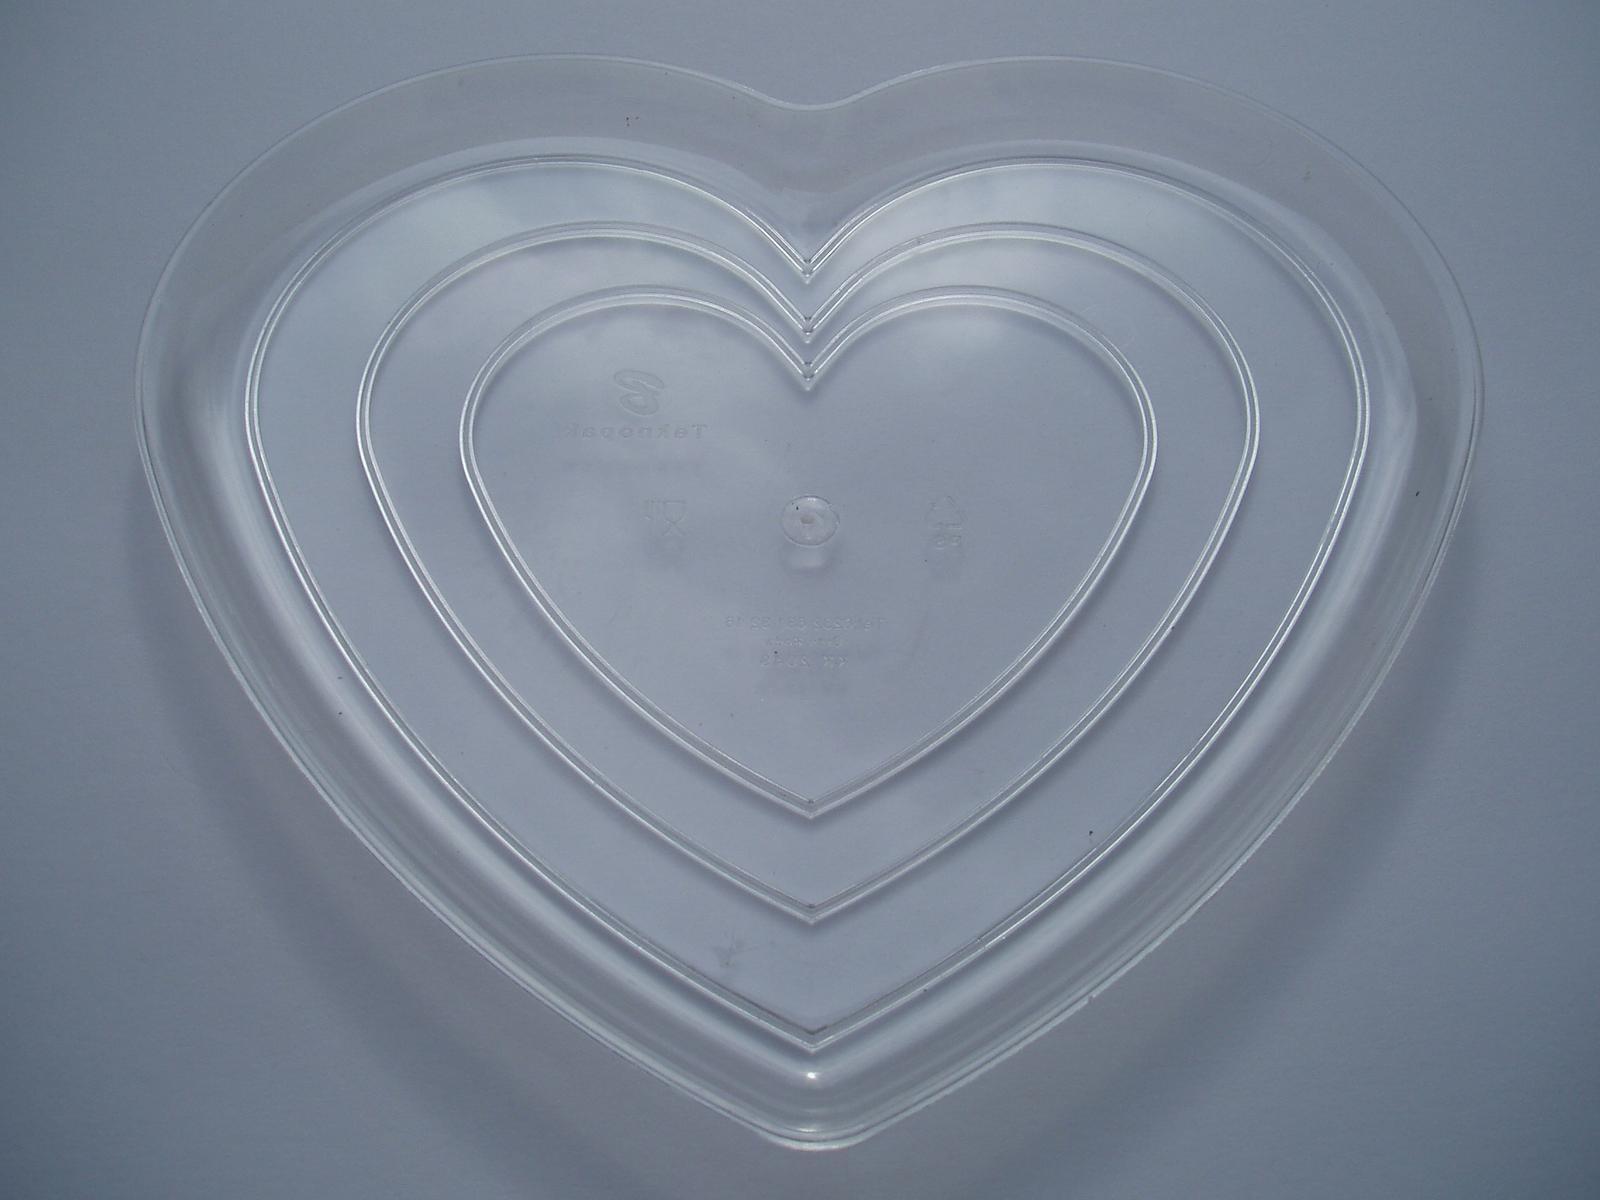 plastový tác srdce - Obrázek č. 1